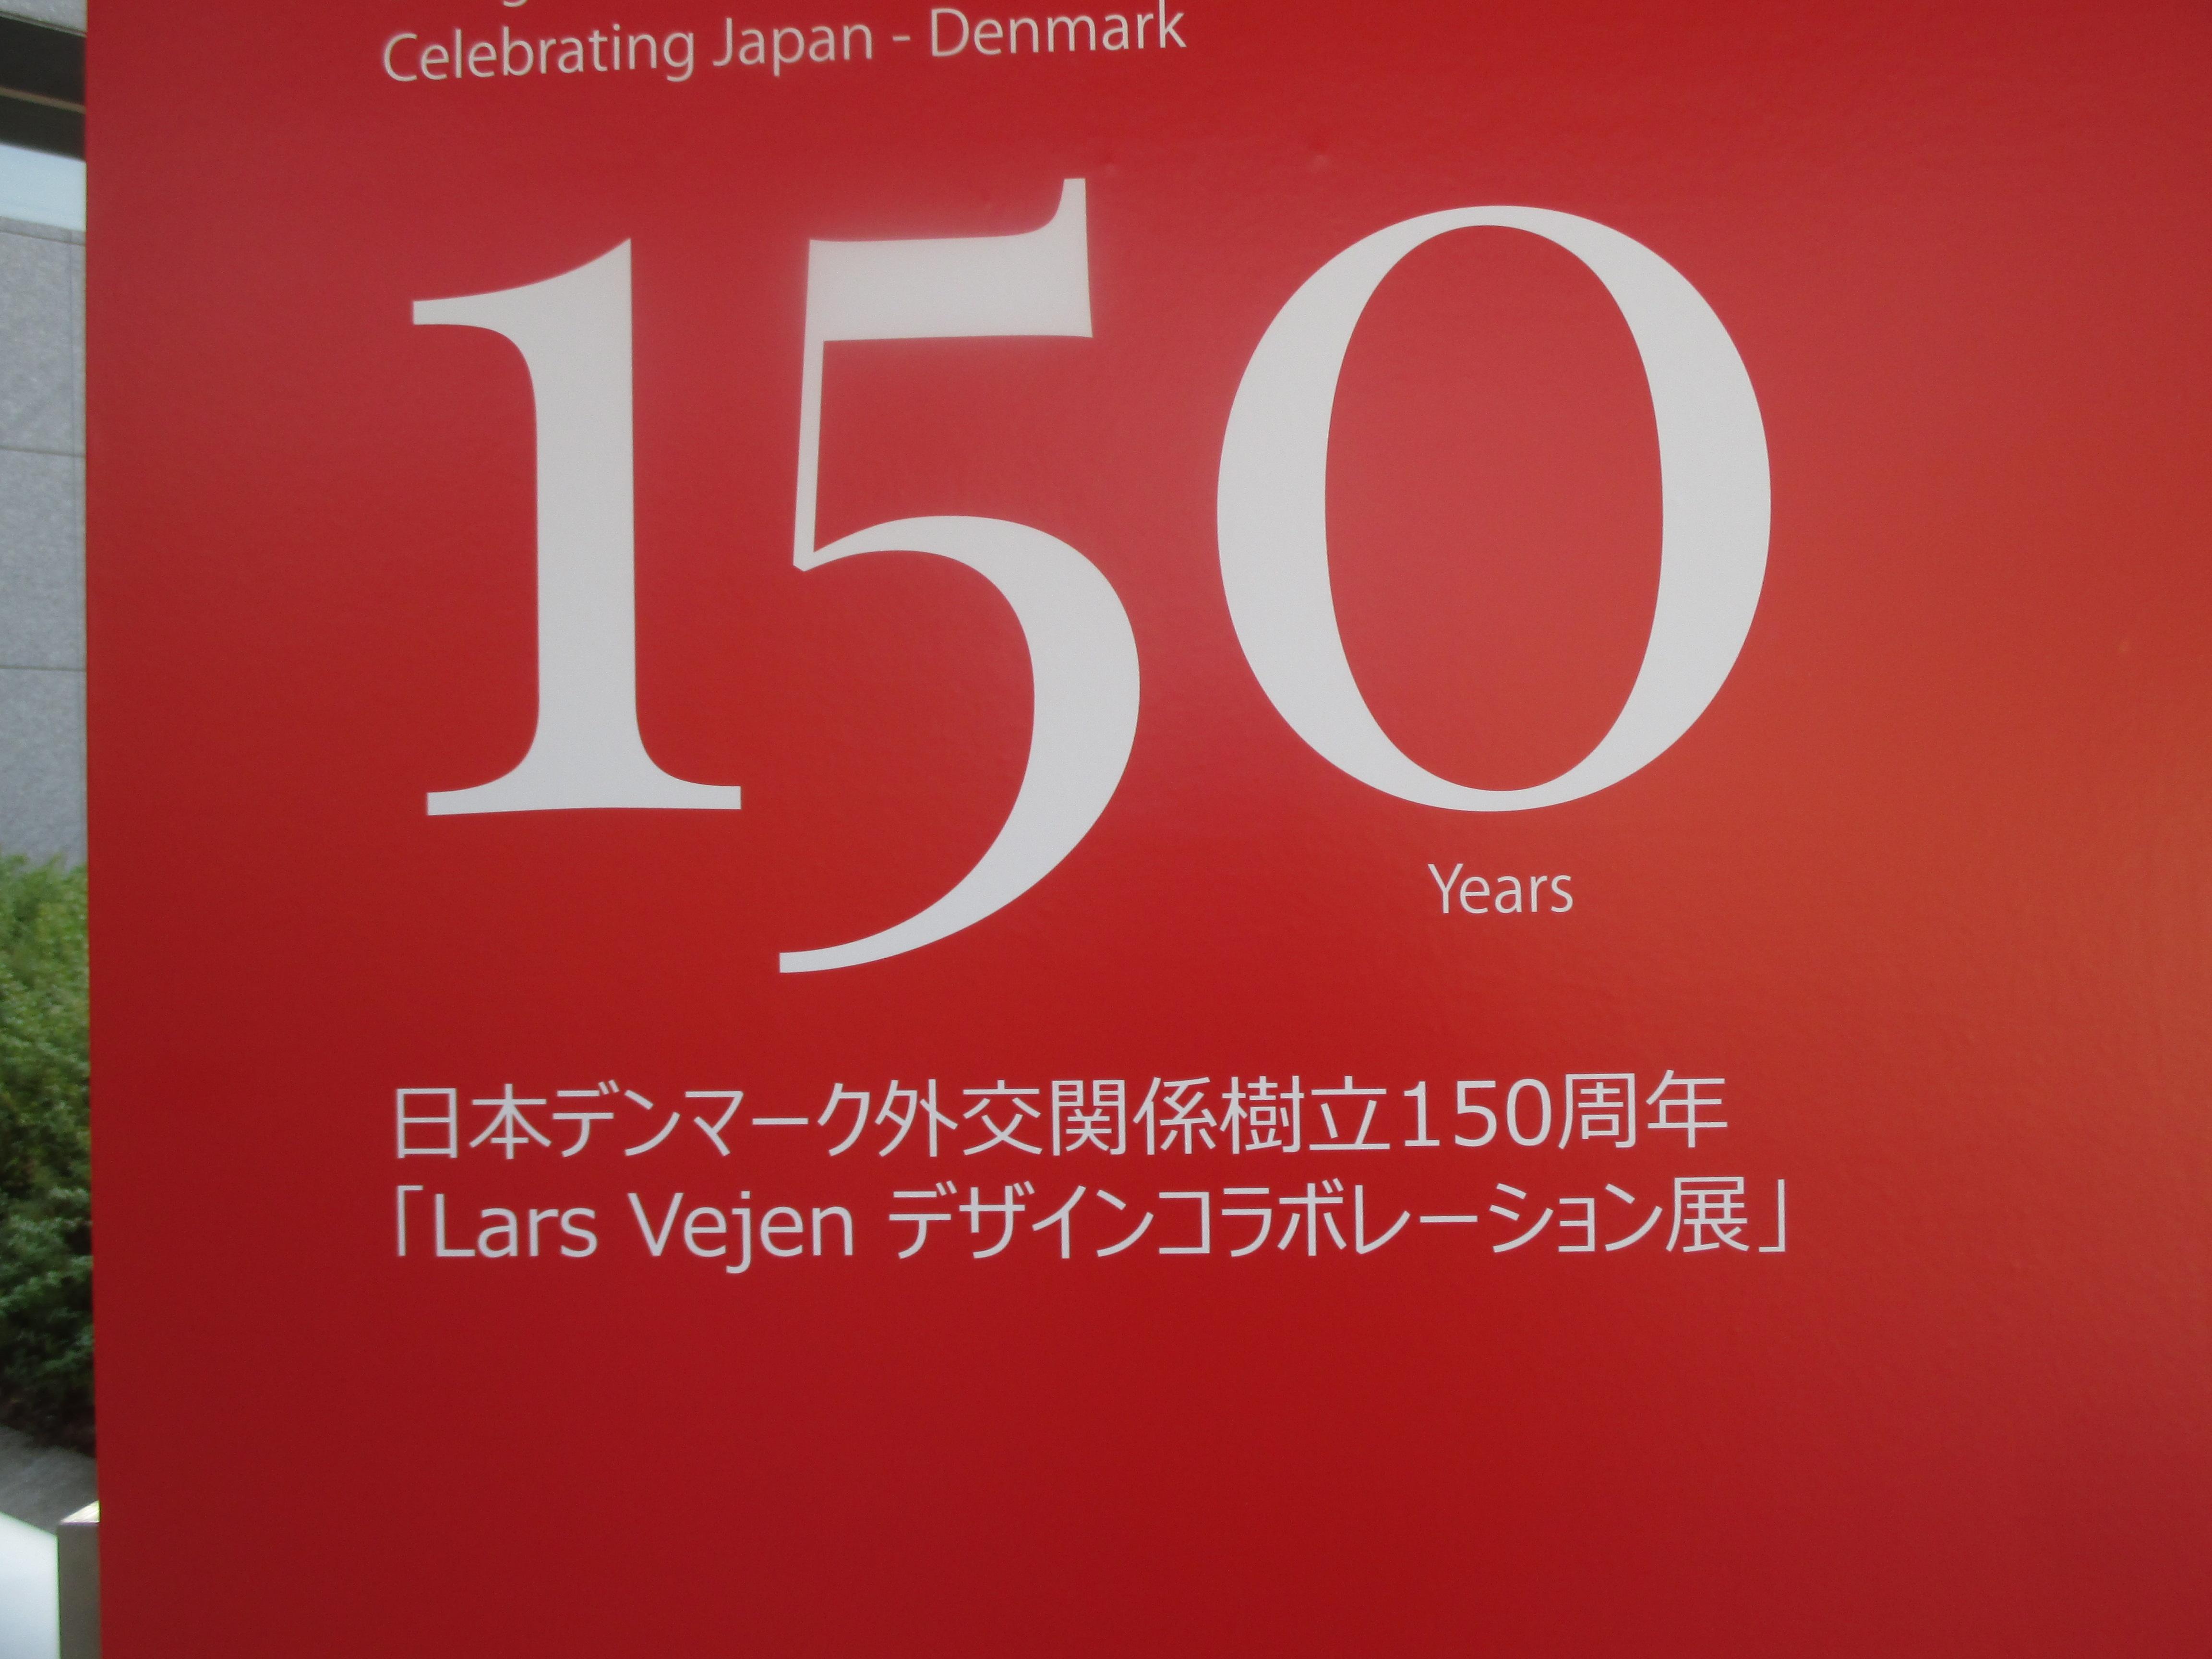 日本・デンマーク外交関係樹立して150周年記念・Lars Vejen デザインコラボレーション展